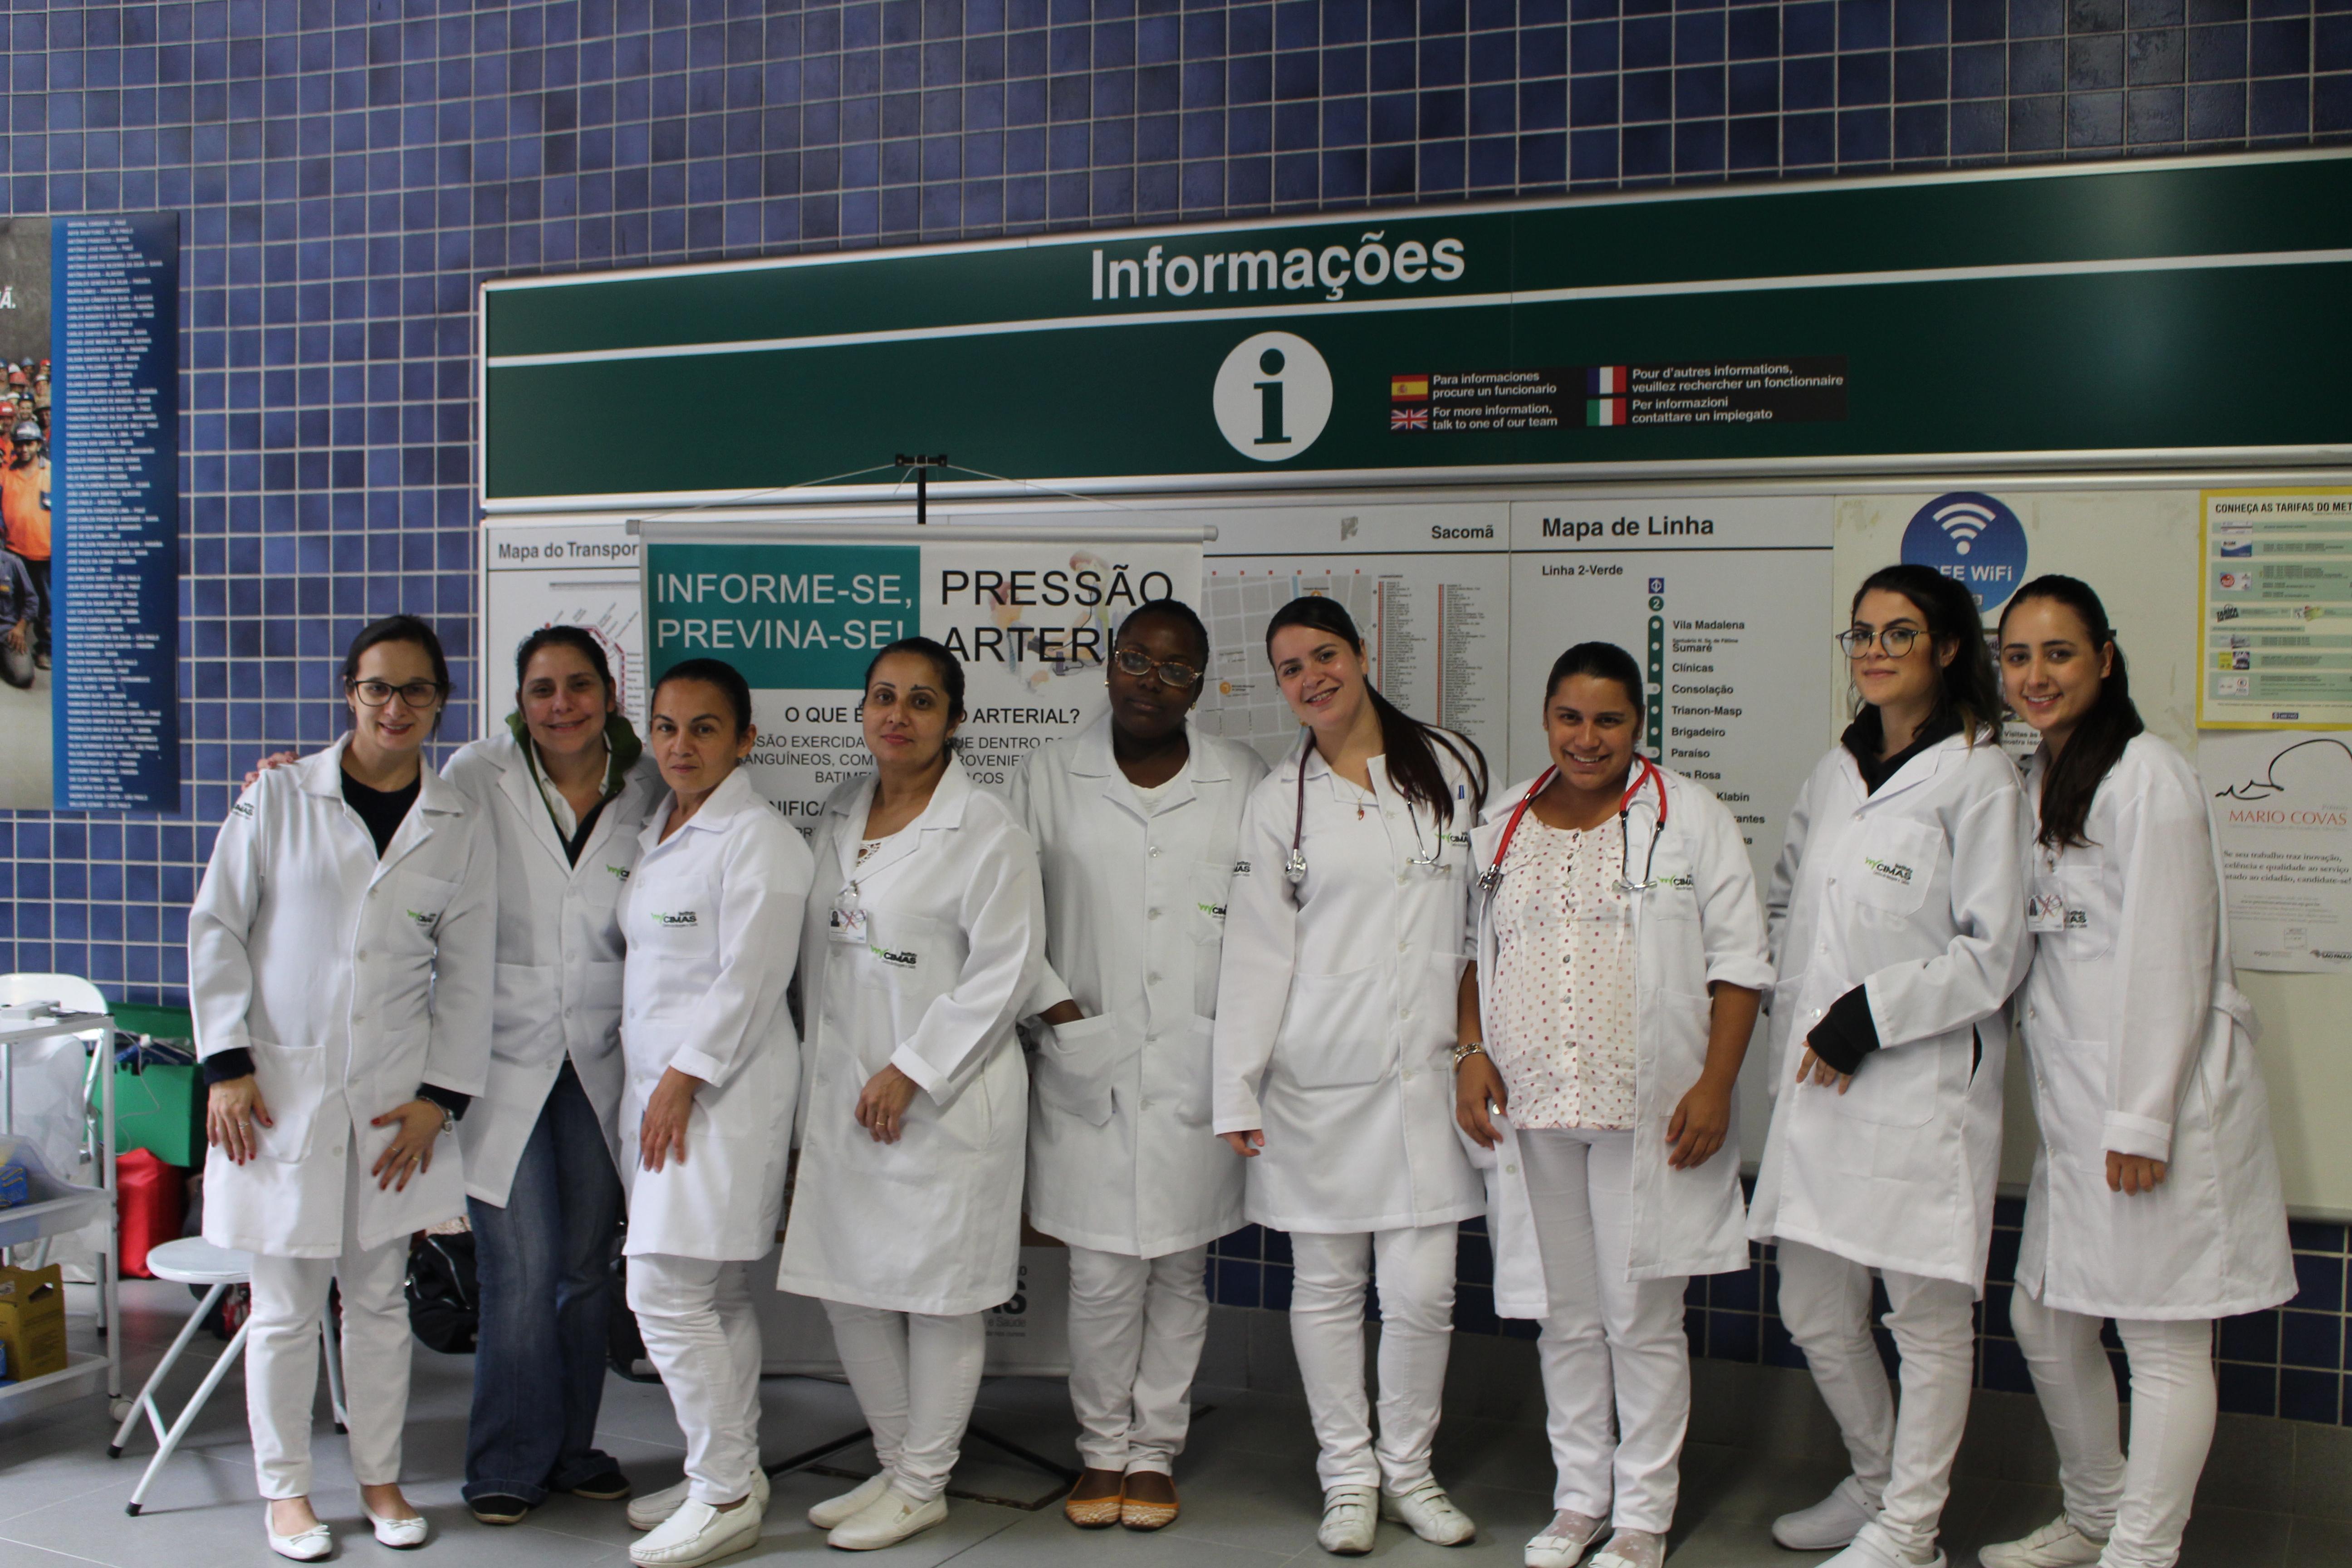 - Ação no metrô da semana da enfermagem